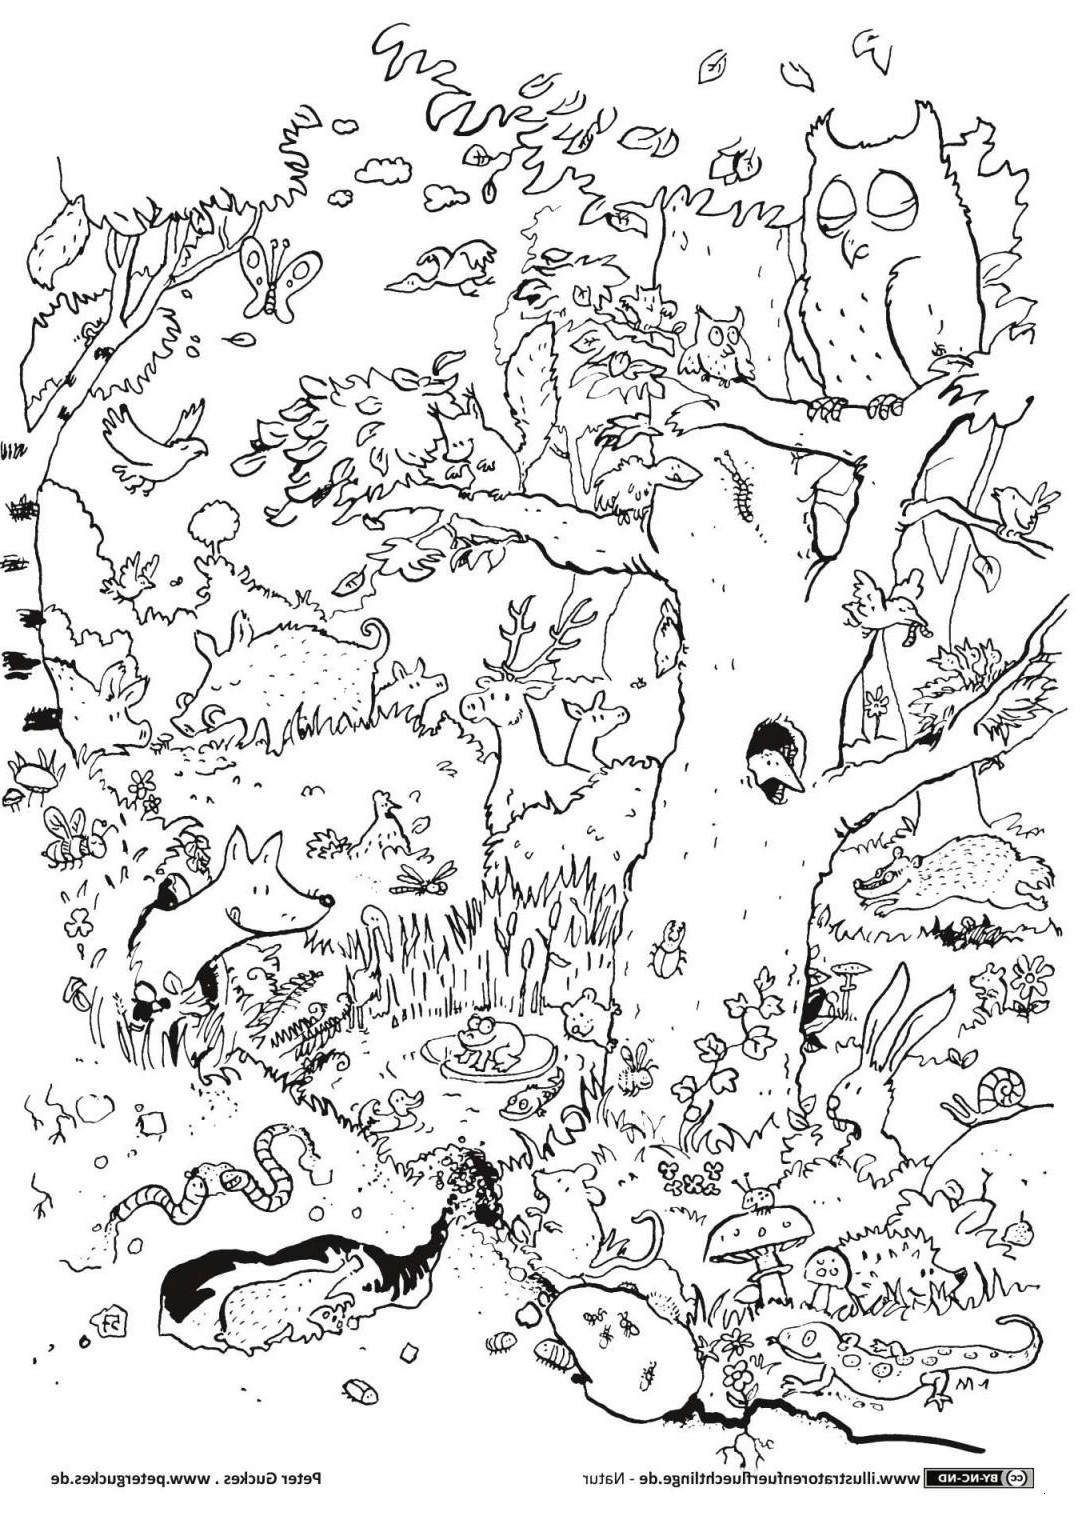 Ninjago Jay Ausmalbild Das Beste Von 36 Luxus Ausmalbilder Ninjago Kostenlos – Große Coloring Page Sammlung Galerie